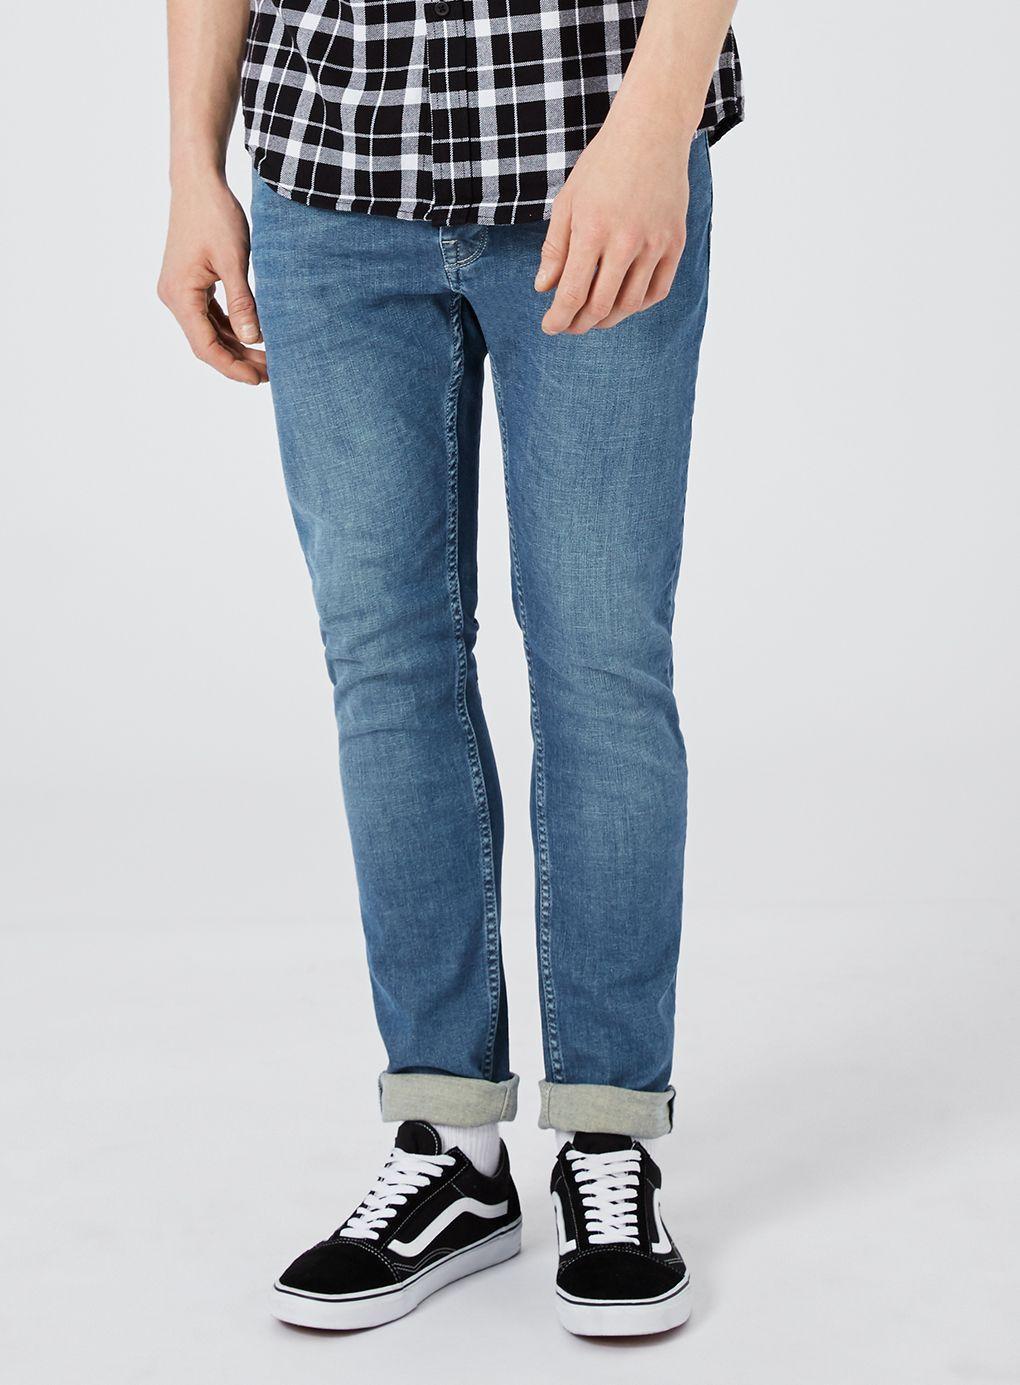 TOPMAN Denim Washed Blue Stretch Skinny Jeans for Men